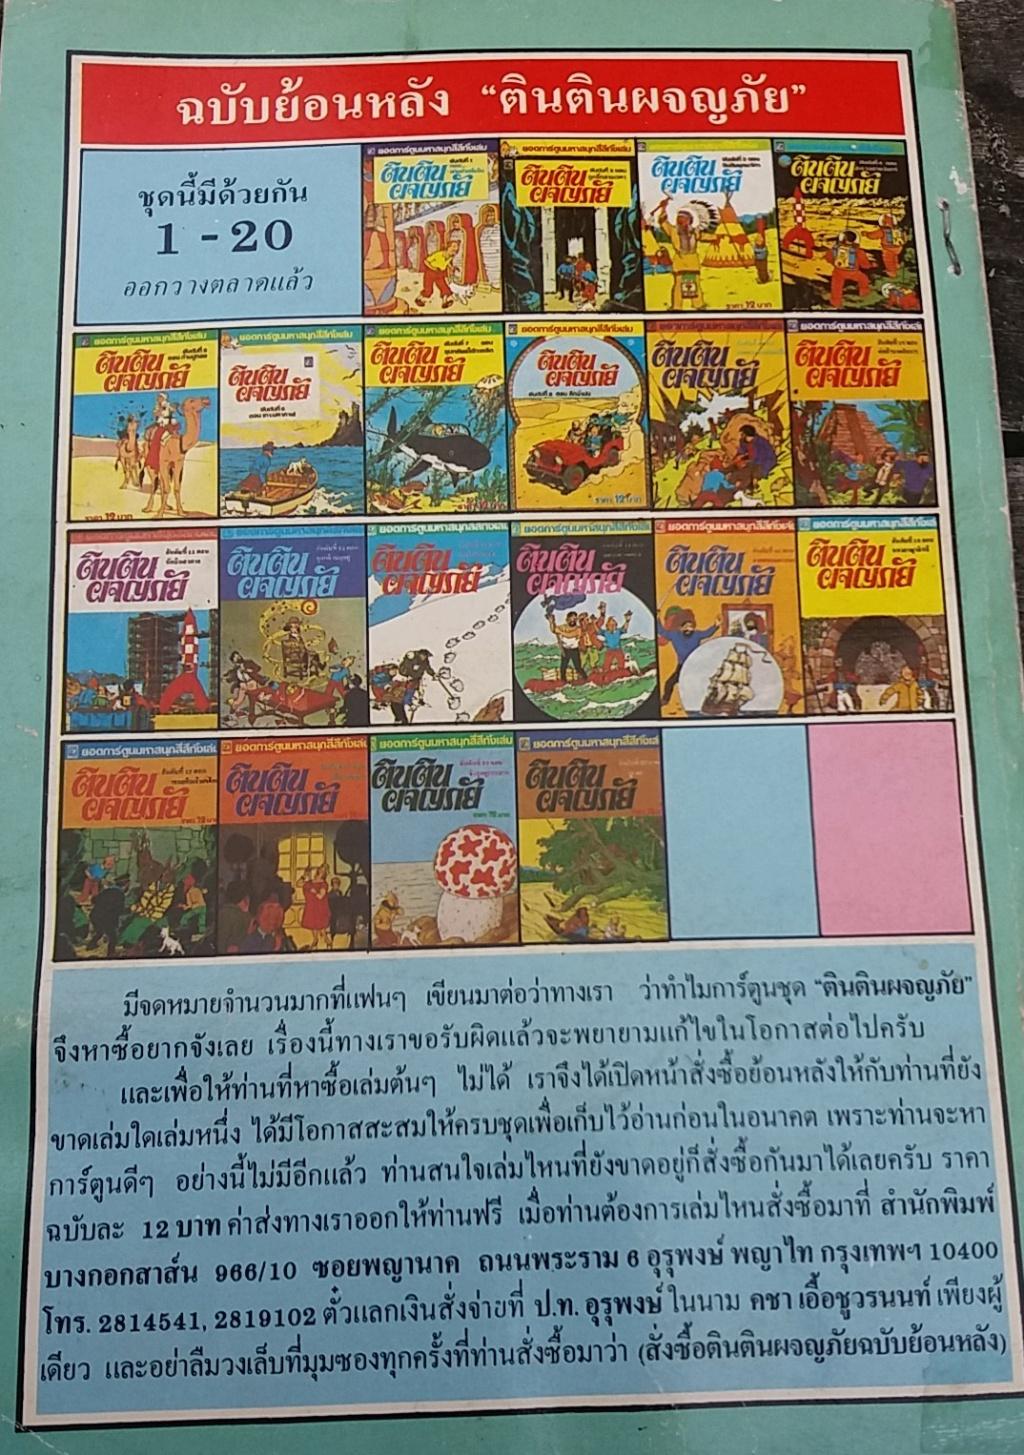 Ma Collection de Lainlainix - Page 18 20210469